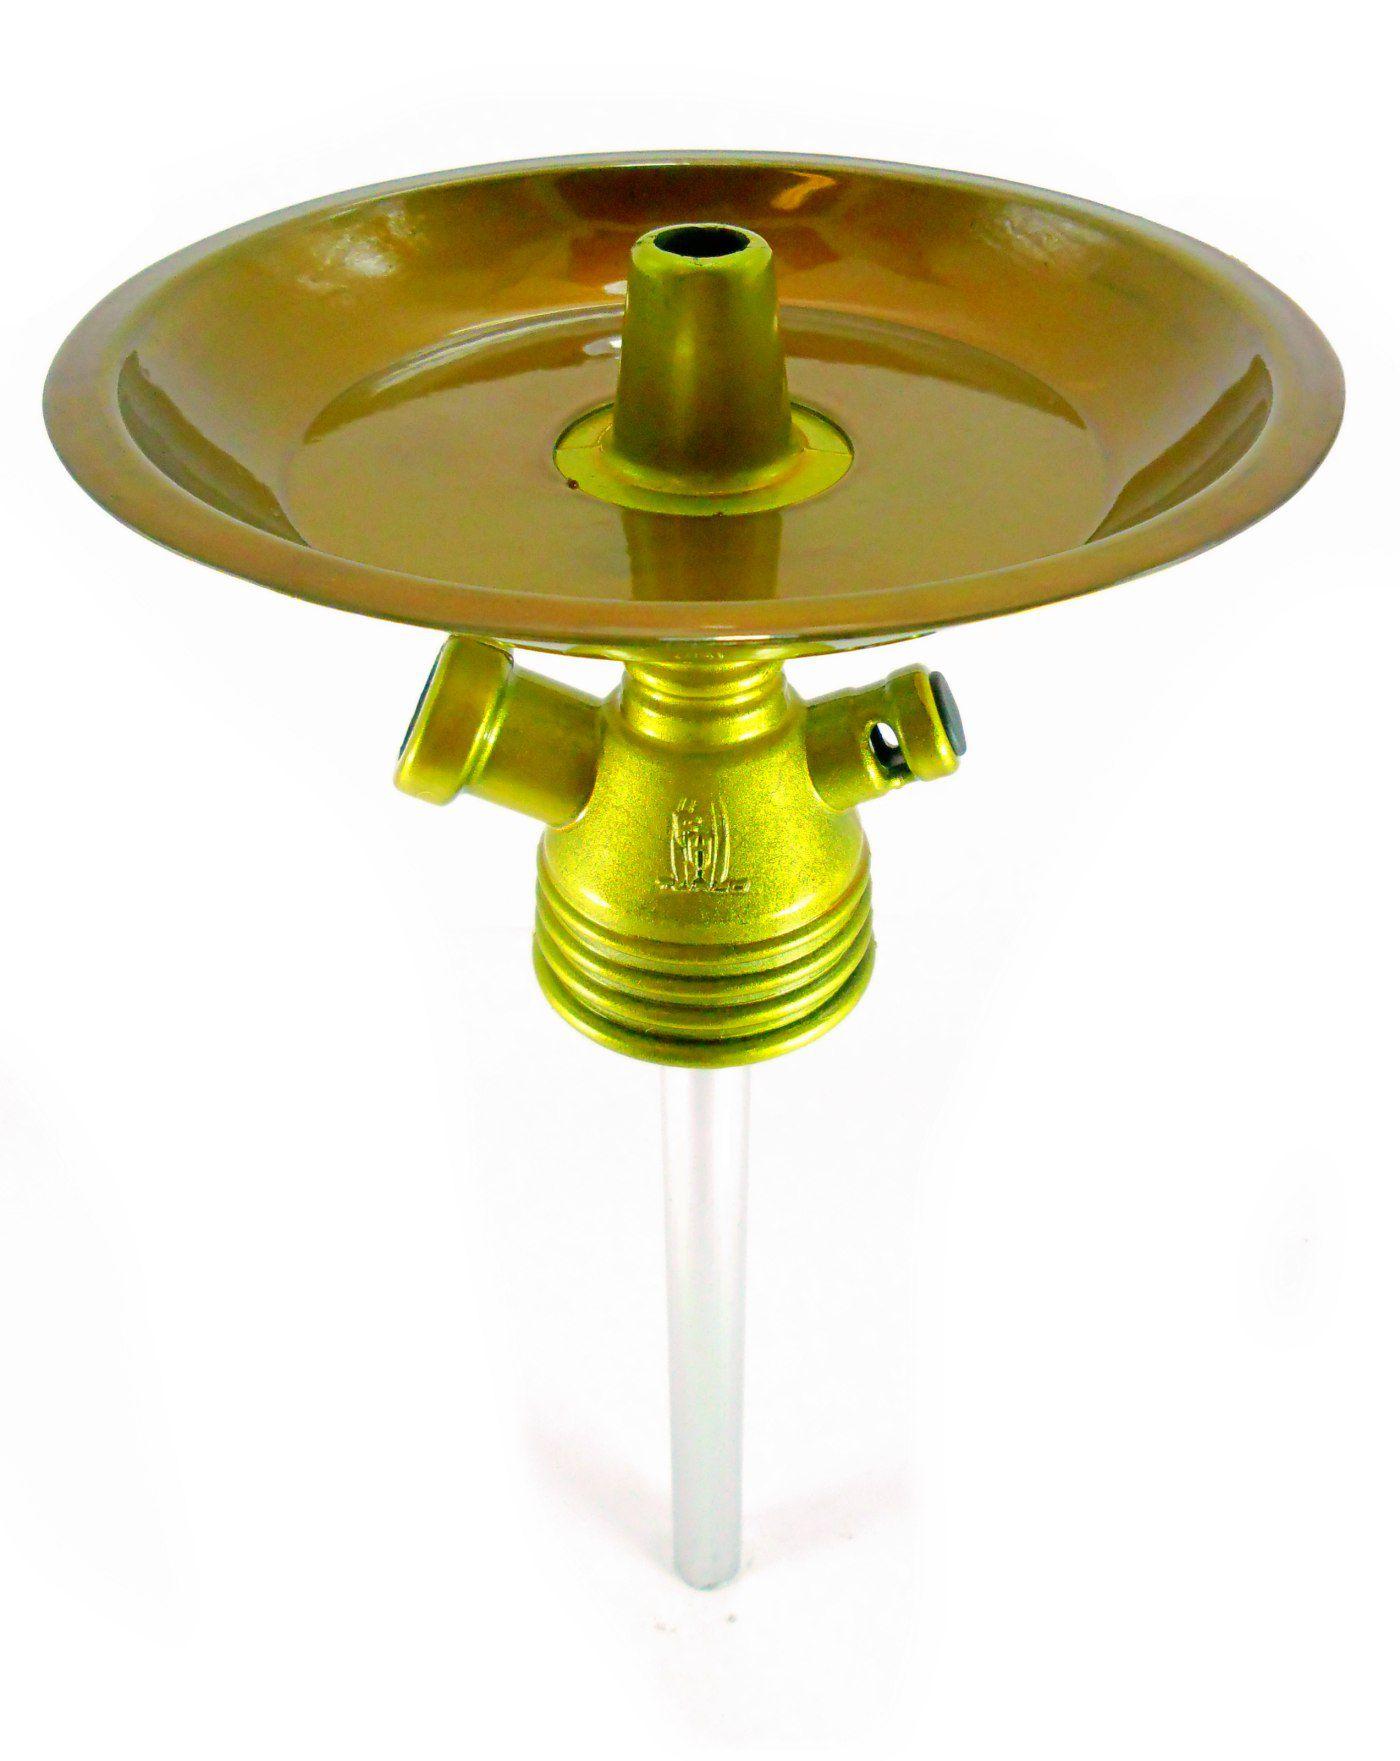 Stem (corpo de narguile) em polipropileno para adaptar em garrafa + Tubo interno + Prato + Vedações. Cor:Verniz Dourado